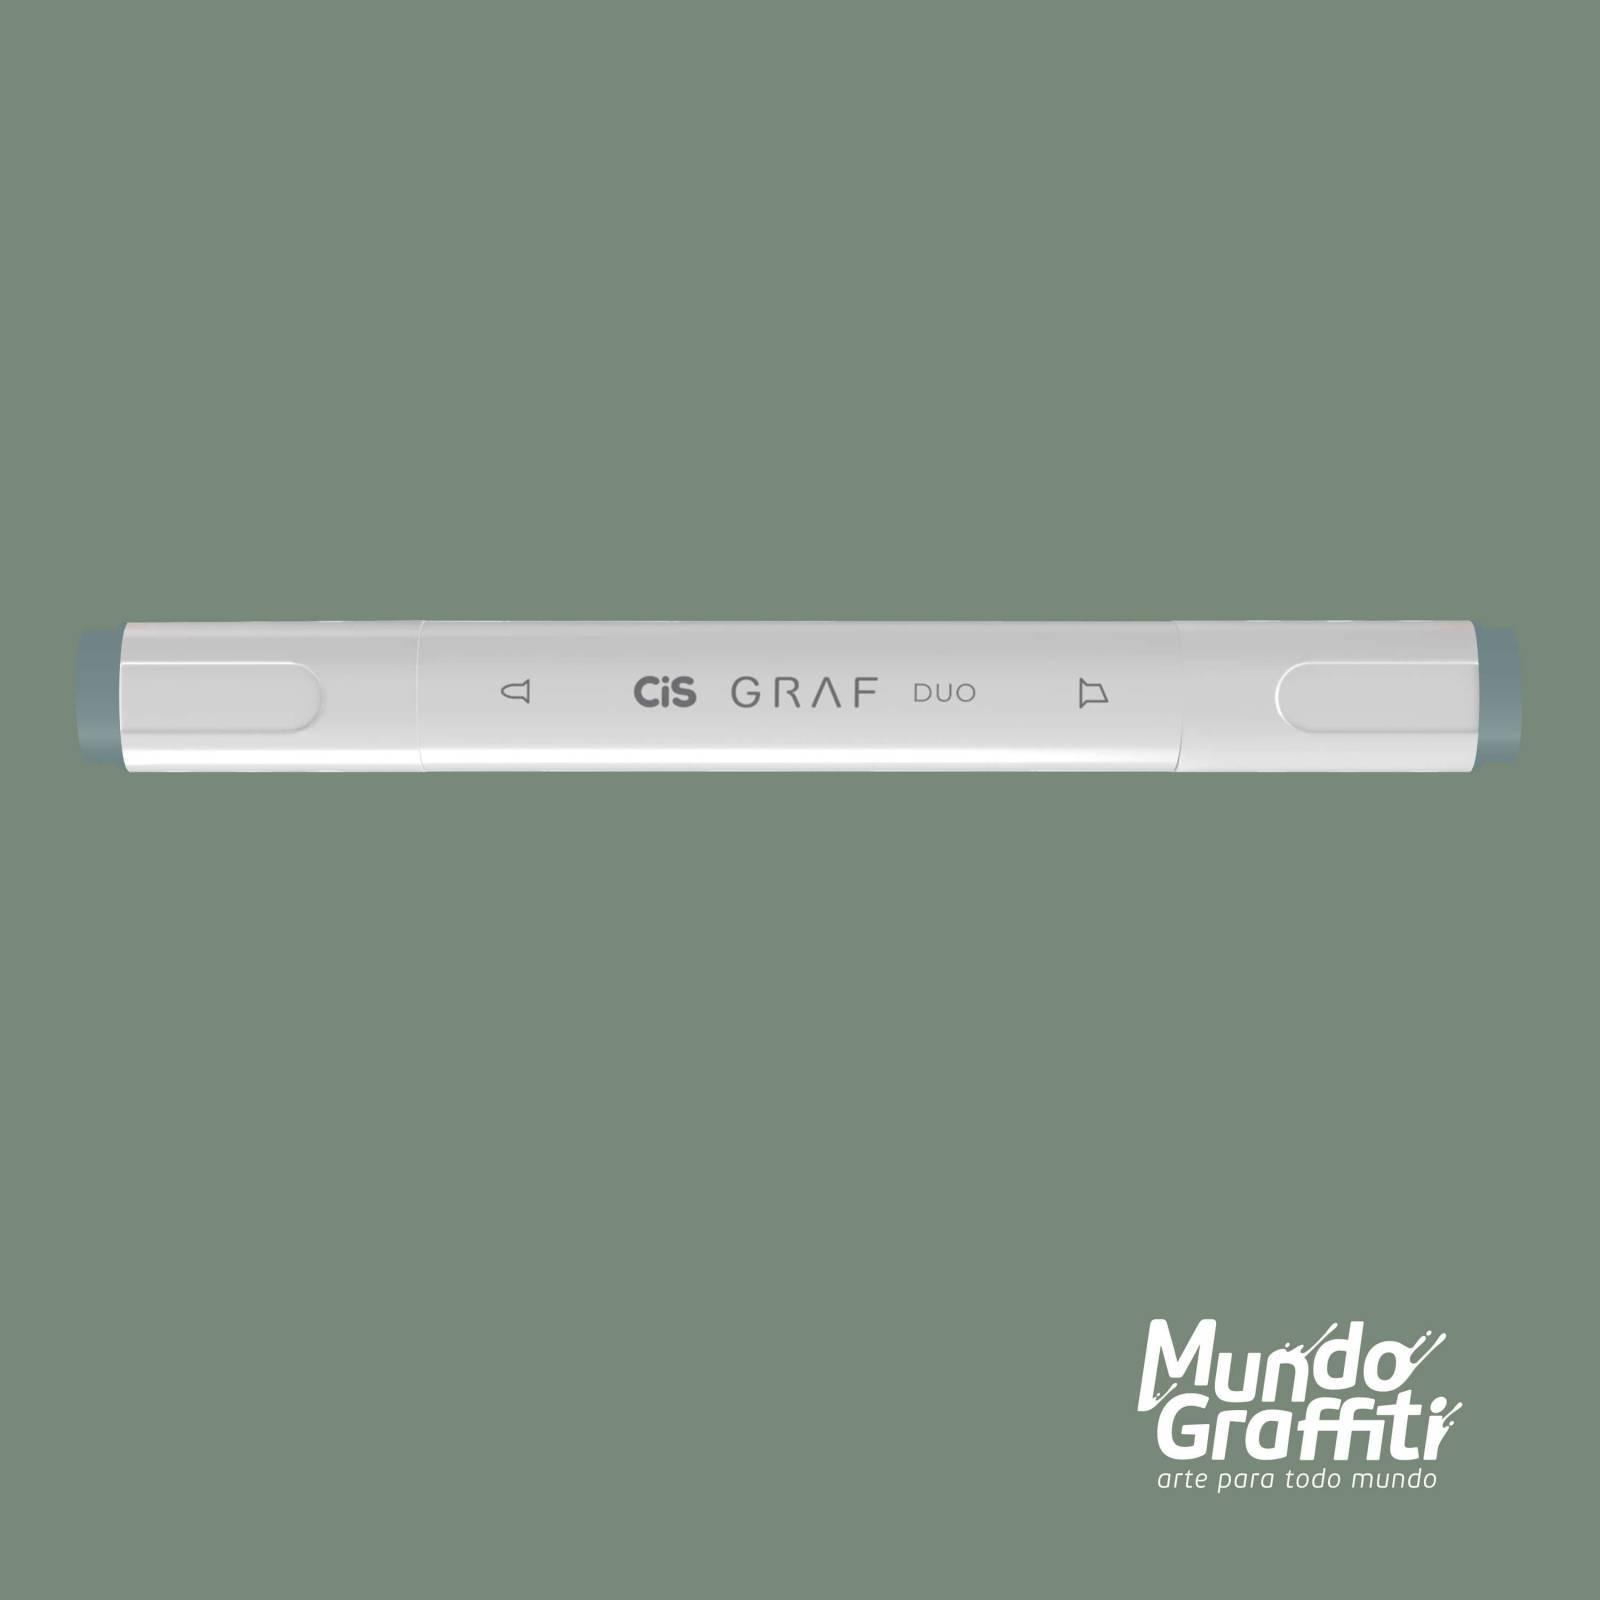 Marcador Cis Graf Duo Green Grey GG3 - Mundo Graffiti